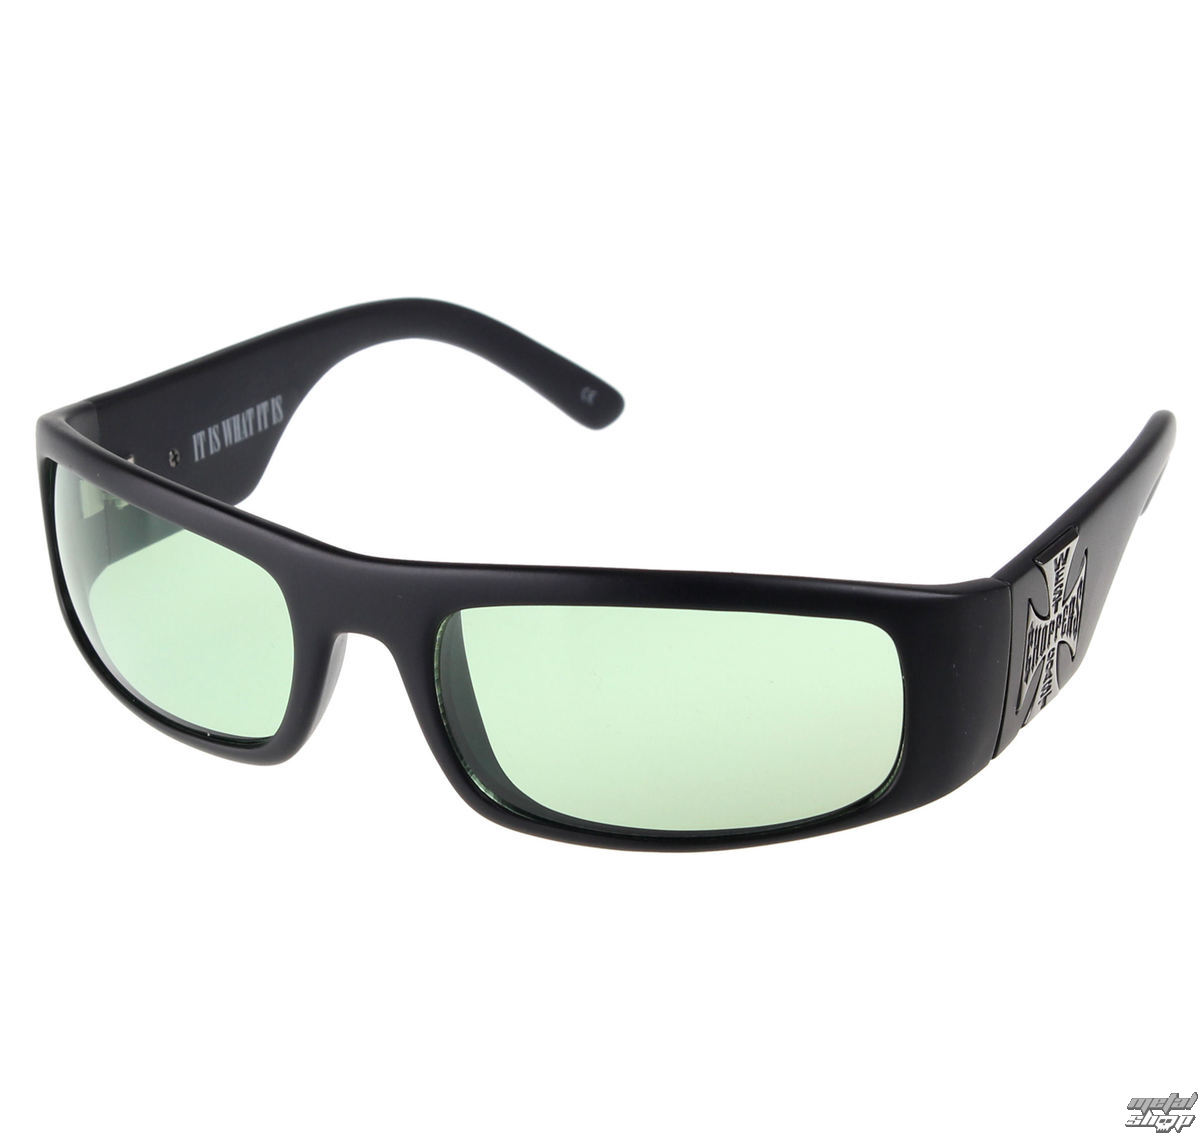 West Coast Choppers szemüveg - GREEN - WCCZB003GN - Metalshop.hu e255c05d28